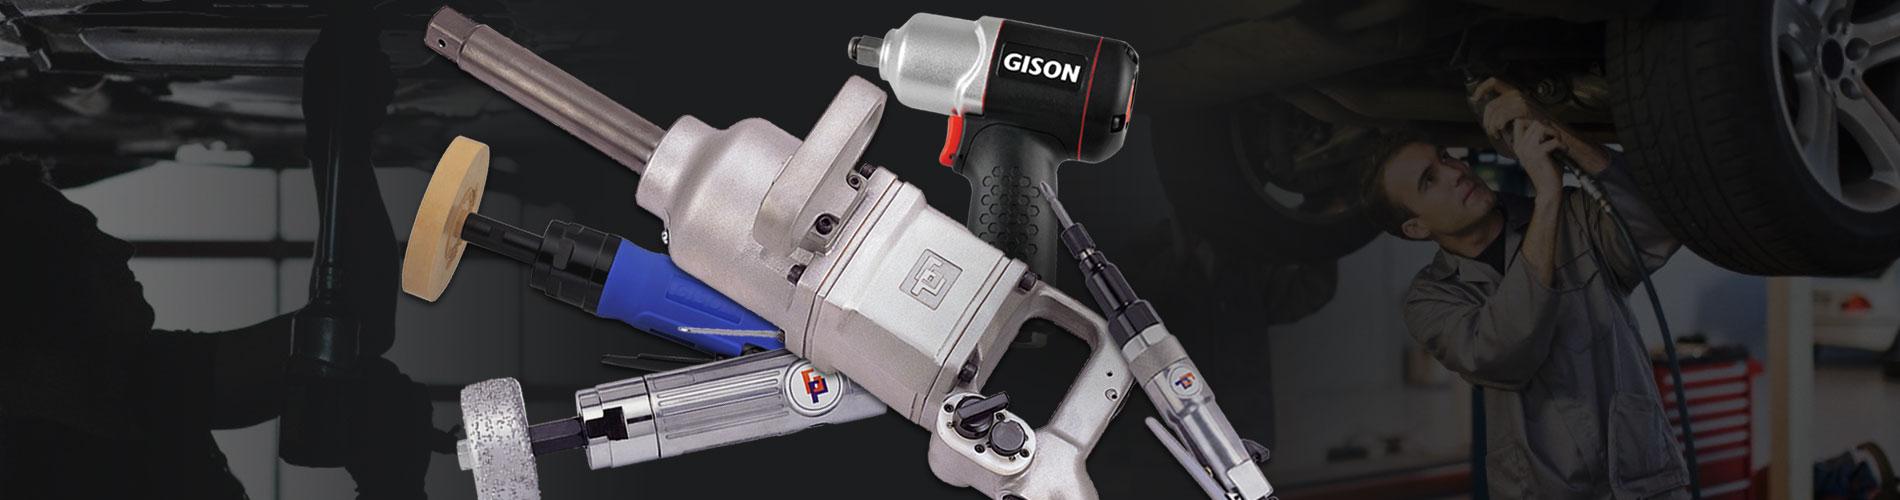 吉生风动工具, 气动工具 锁紧及汽车修护 专用系列